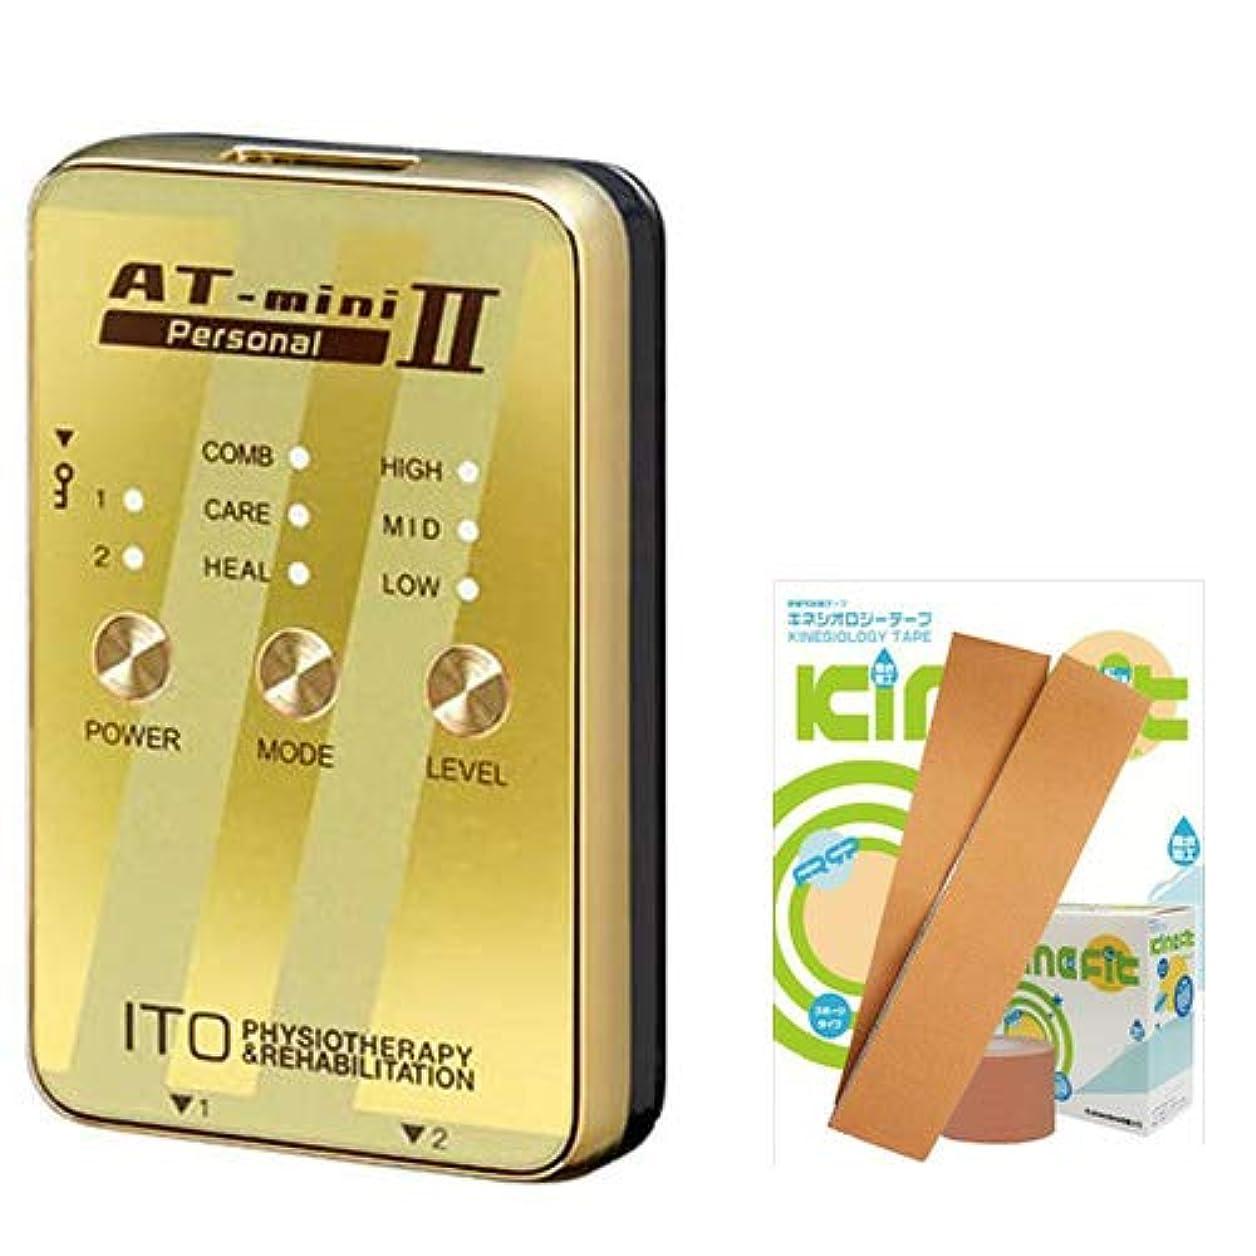 予感反逆者広告する低周波治療器 AT-mini personal II ゴールド (ATミニパーソナル2) +キネフィットテープ50cmセット